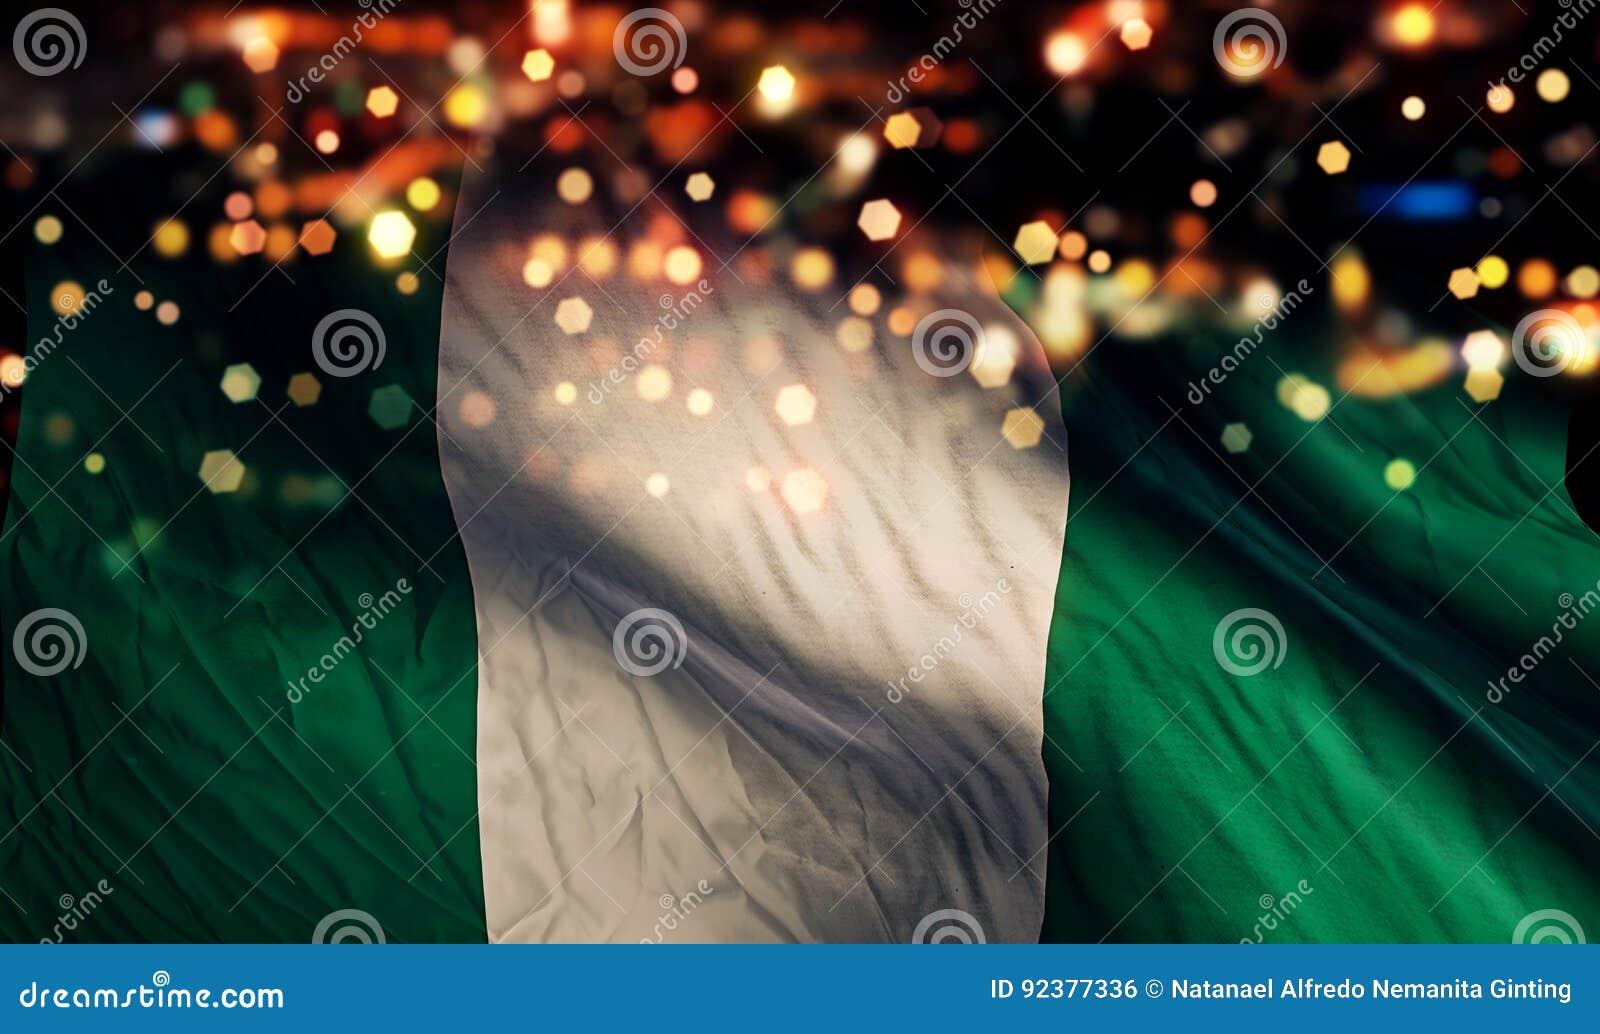 Fondo del extracto de Bokeh de la noche de la luz de la bandera nacional de Nigeria